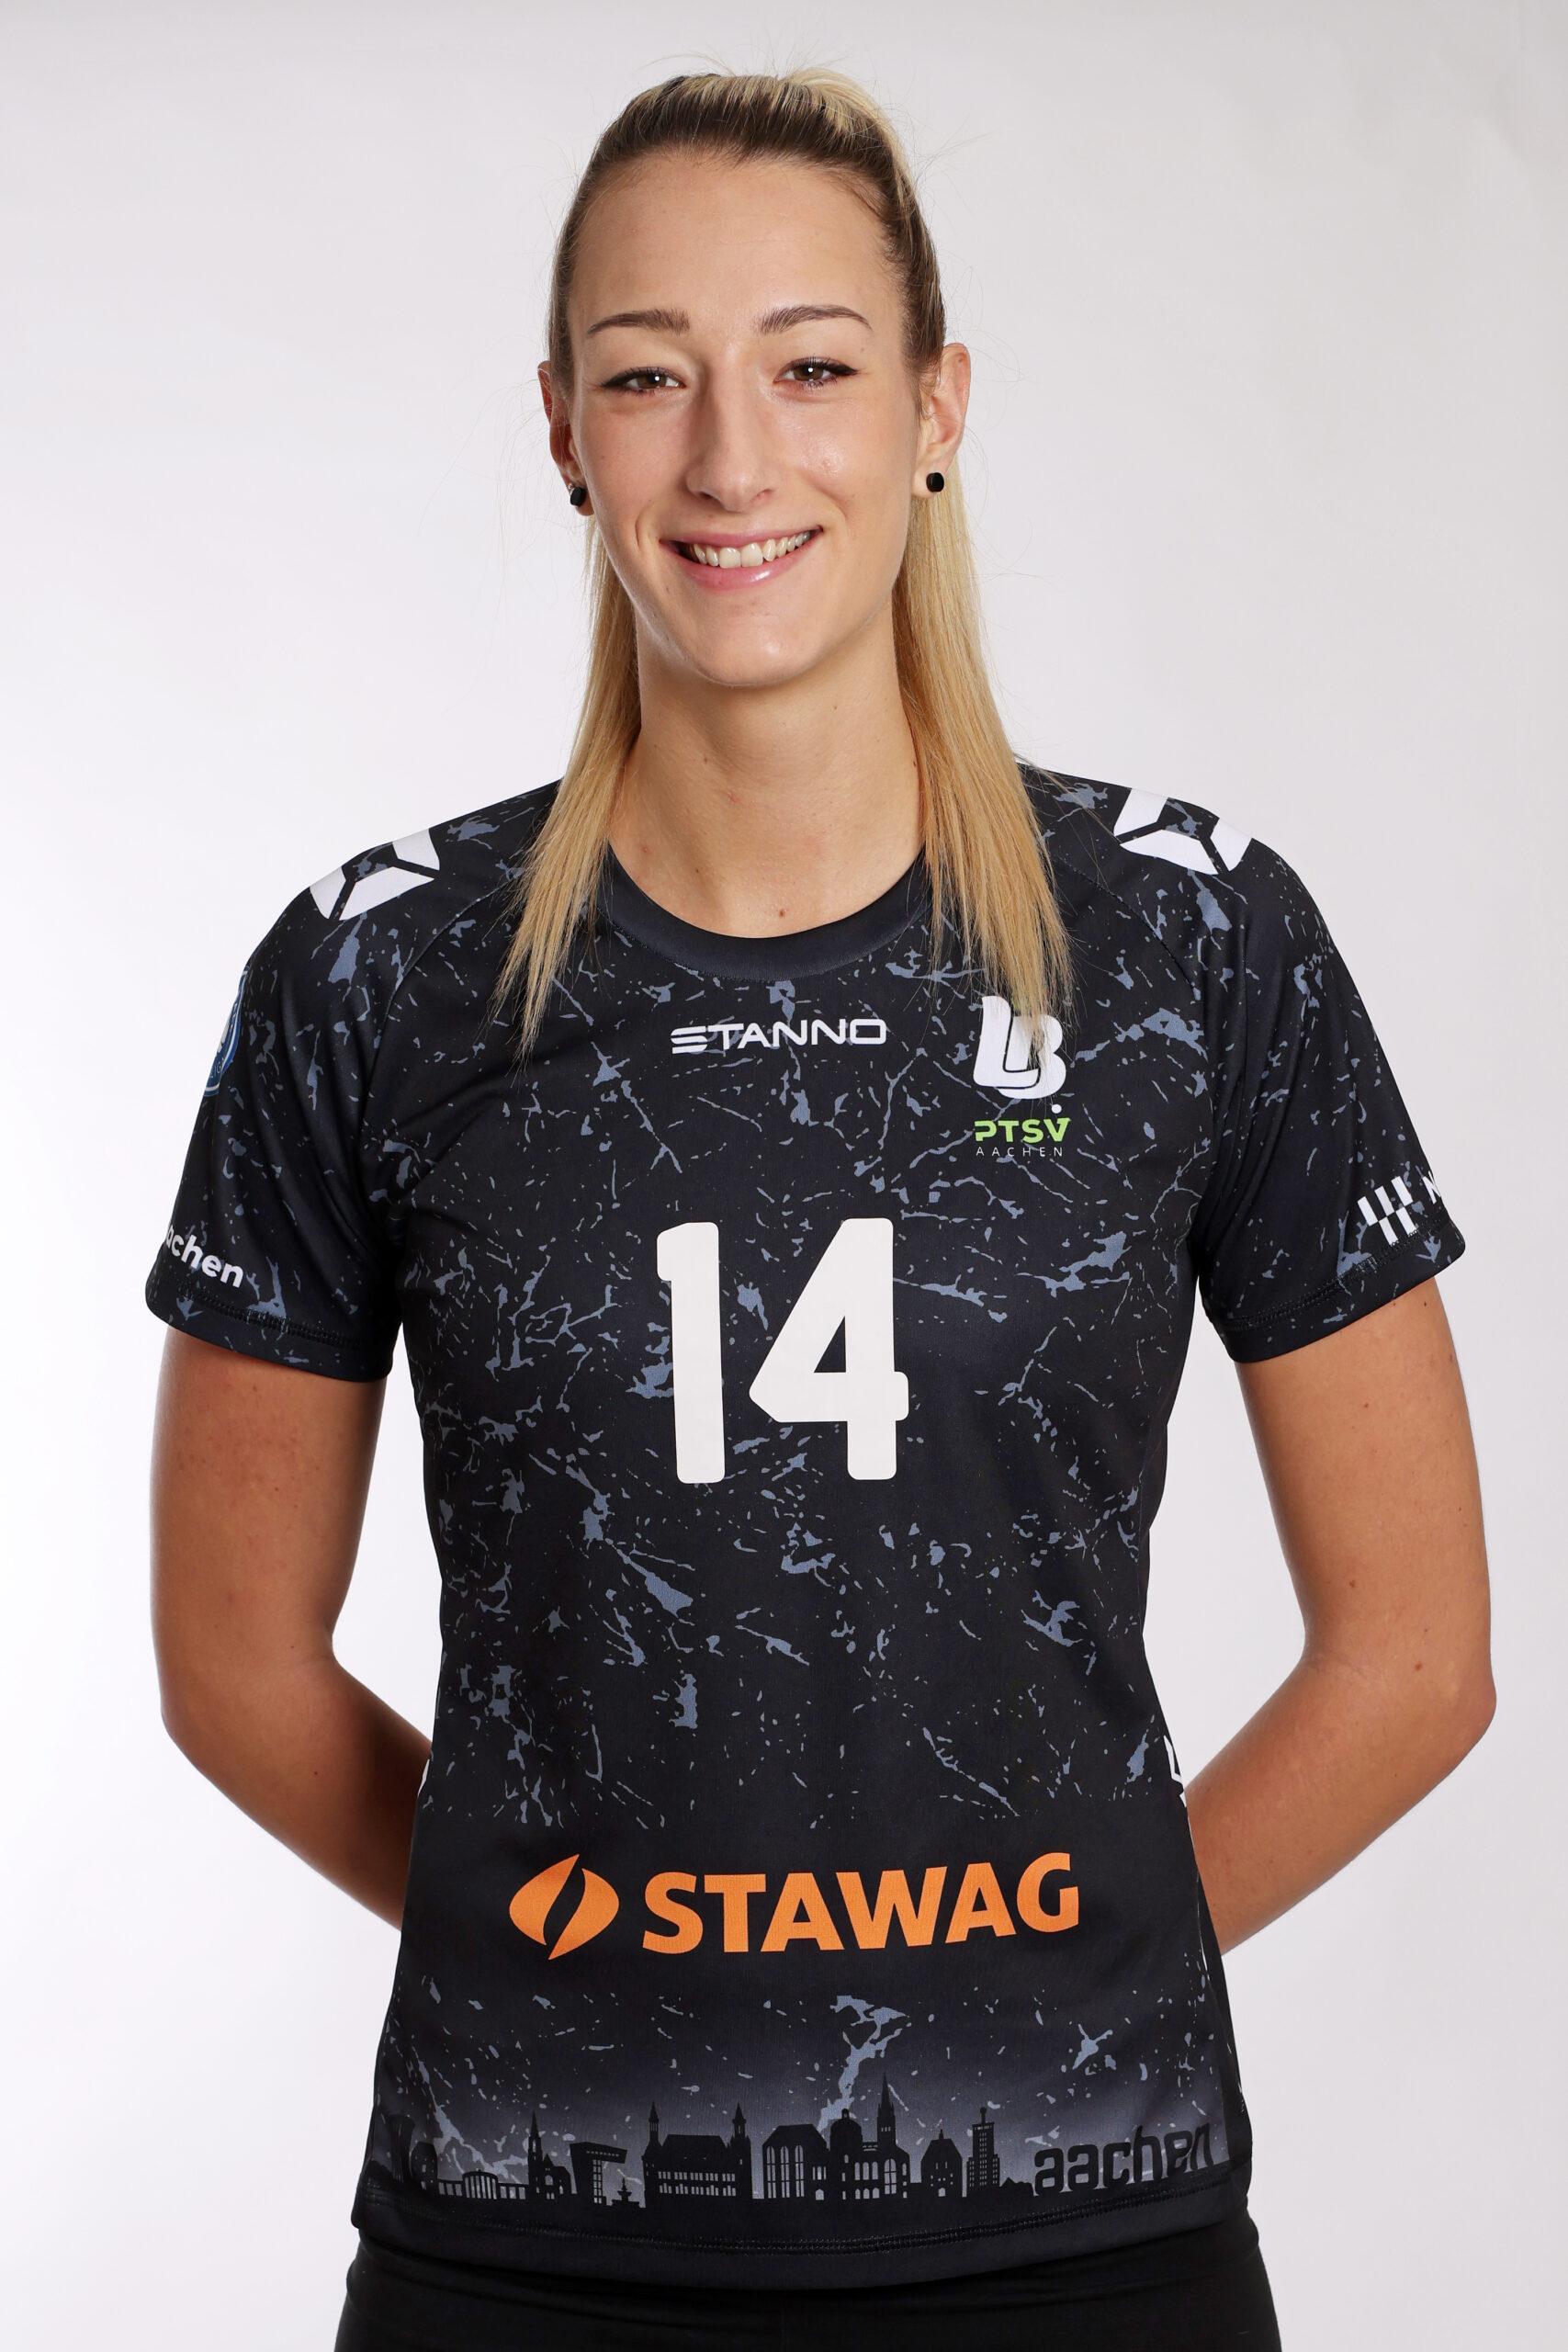 Lara Vukasovic